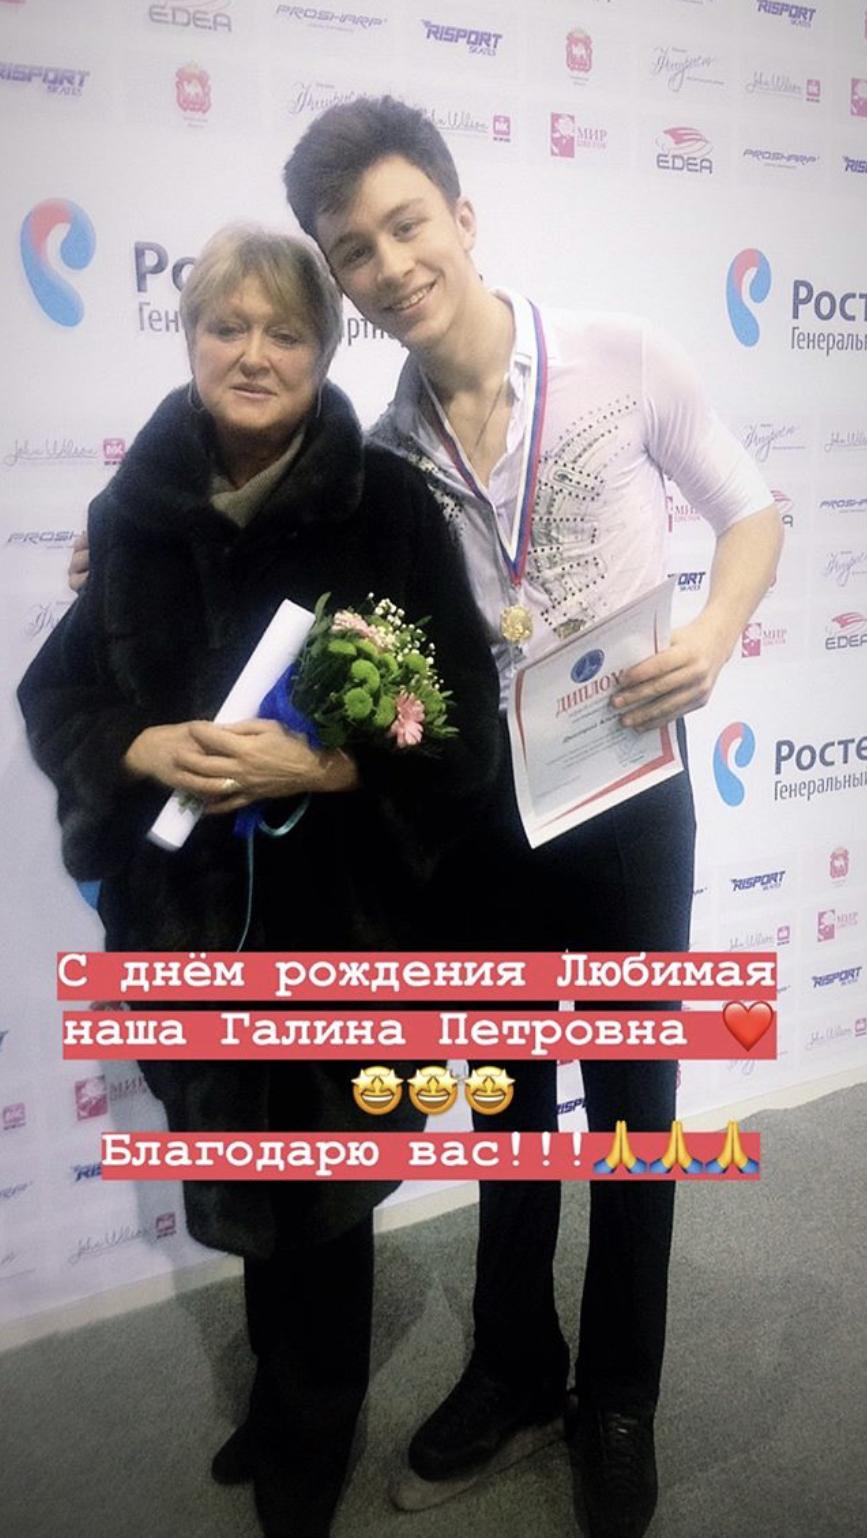 http://s3.uploads.ru/C0Avg.jpg